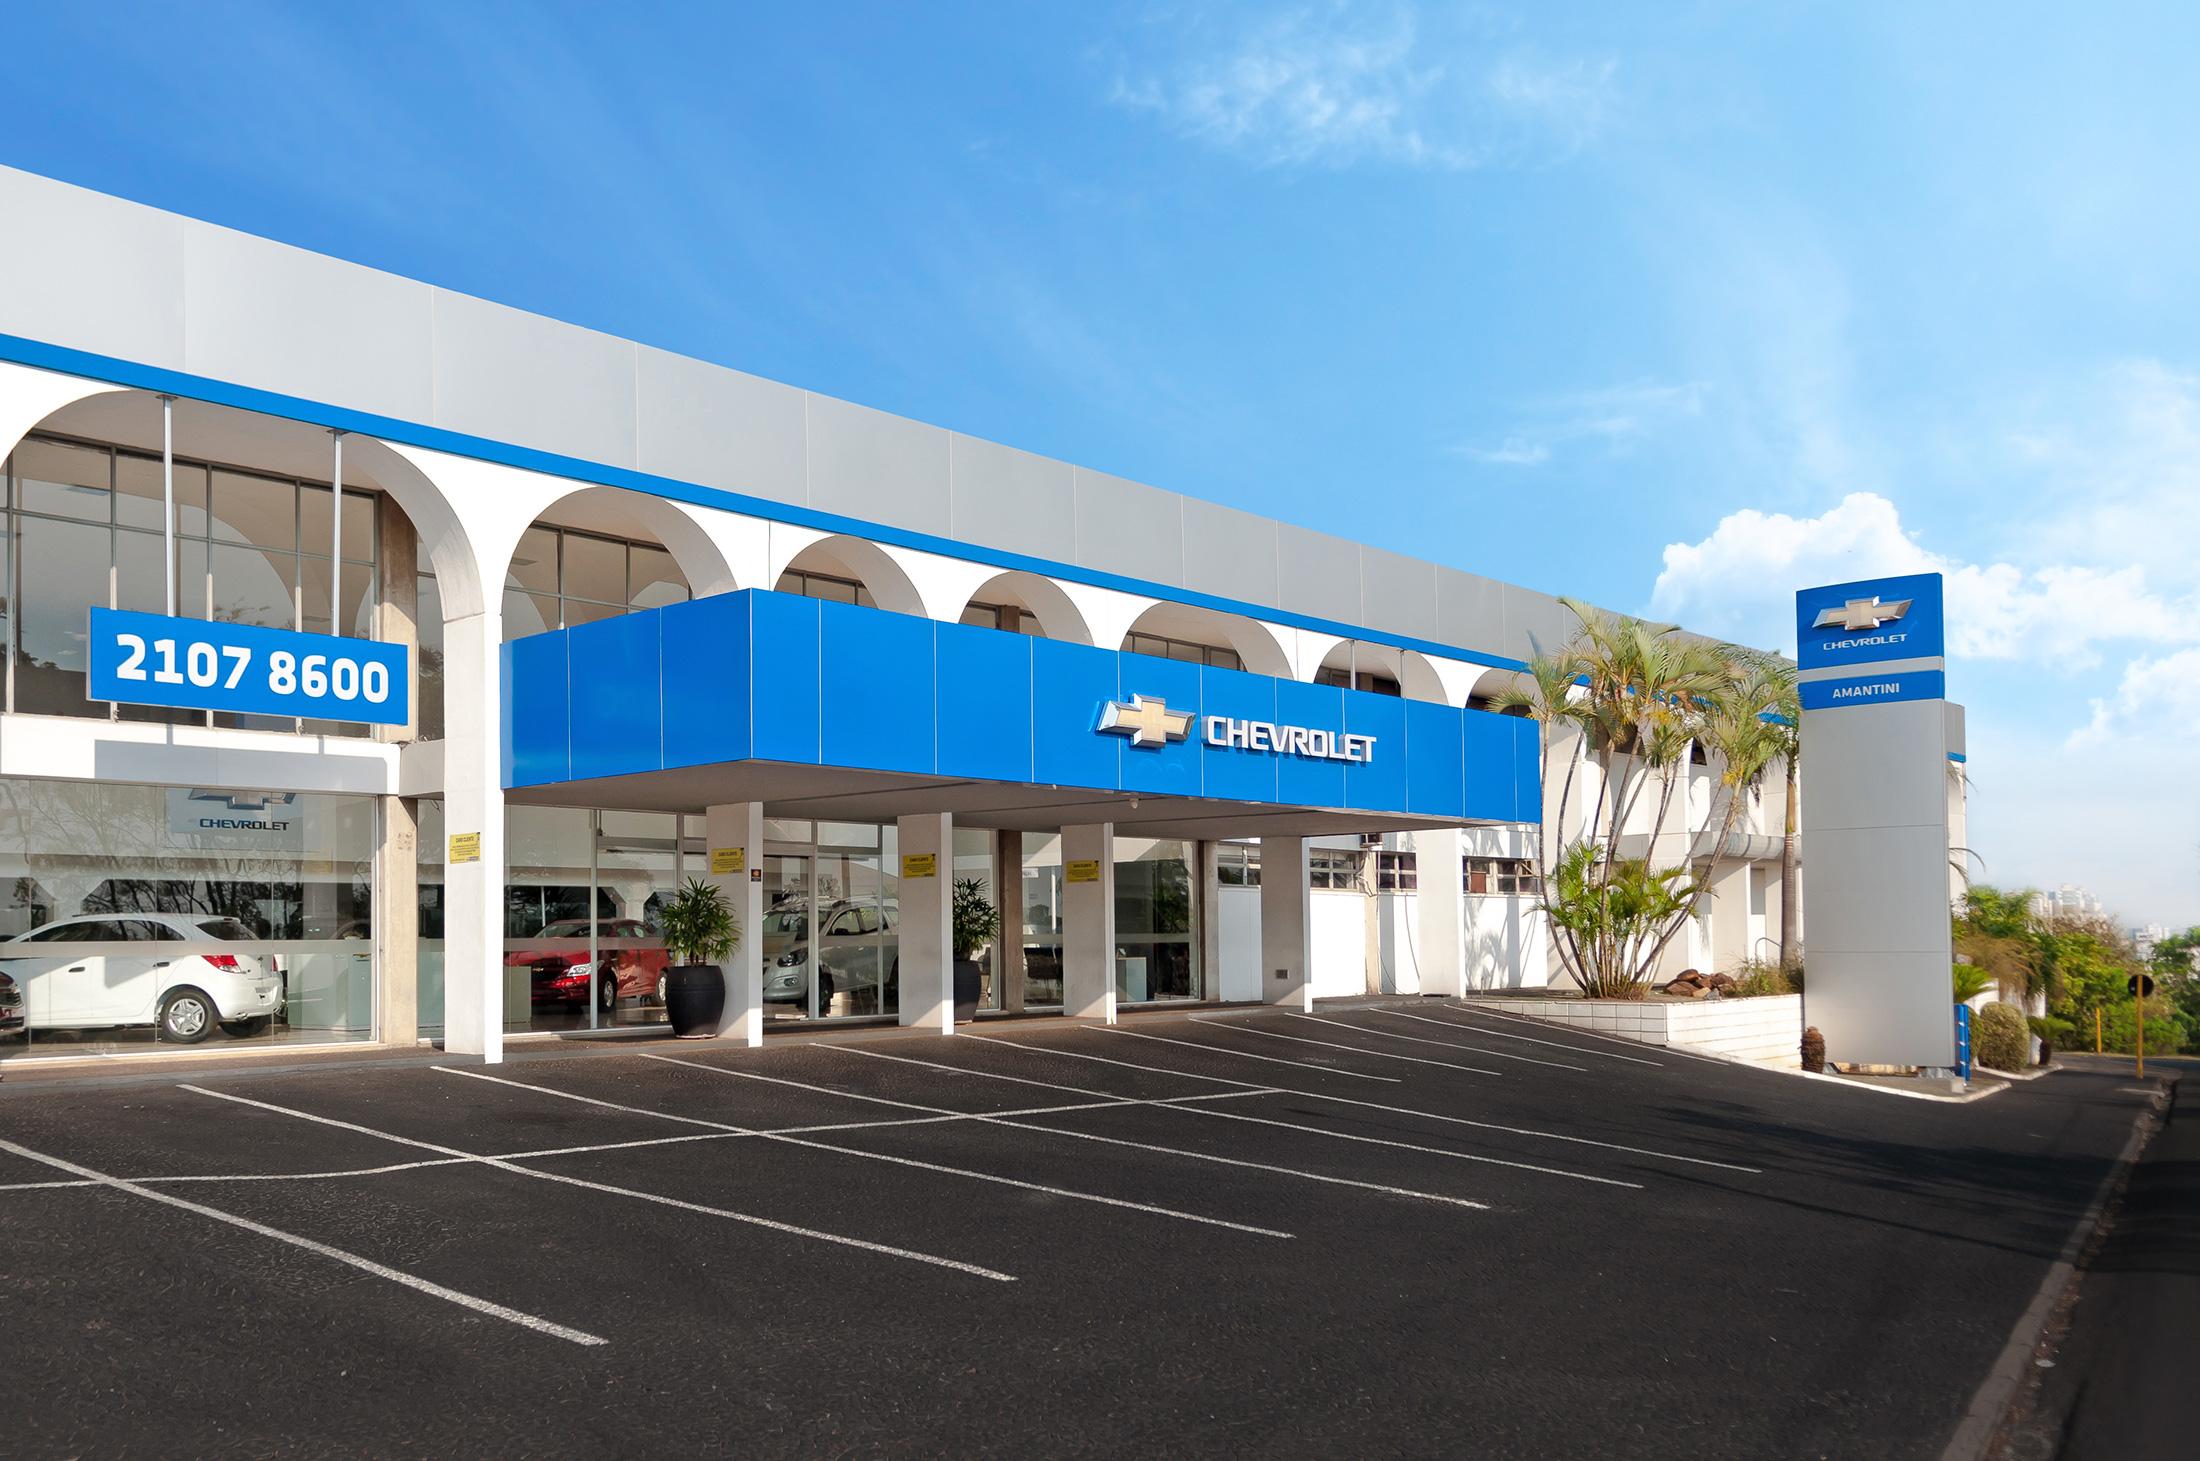 Fachada concessionária Chevrolet Amantini